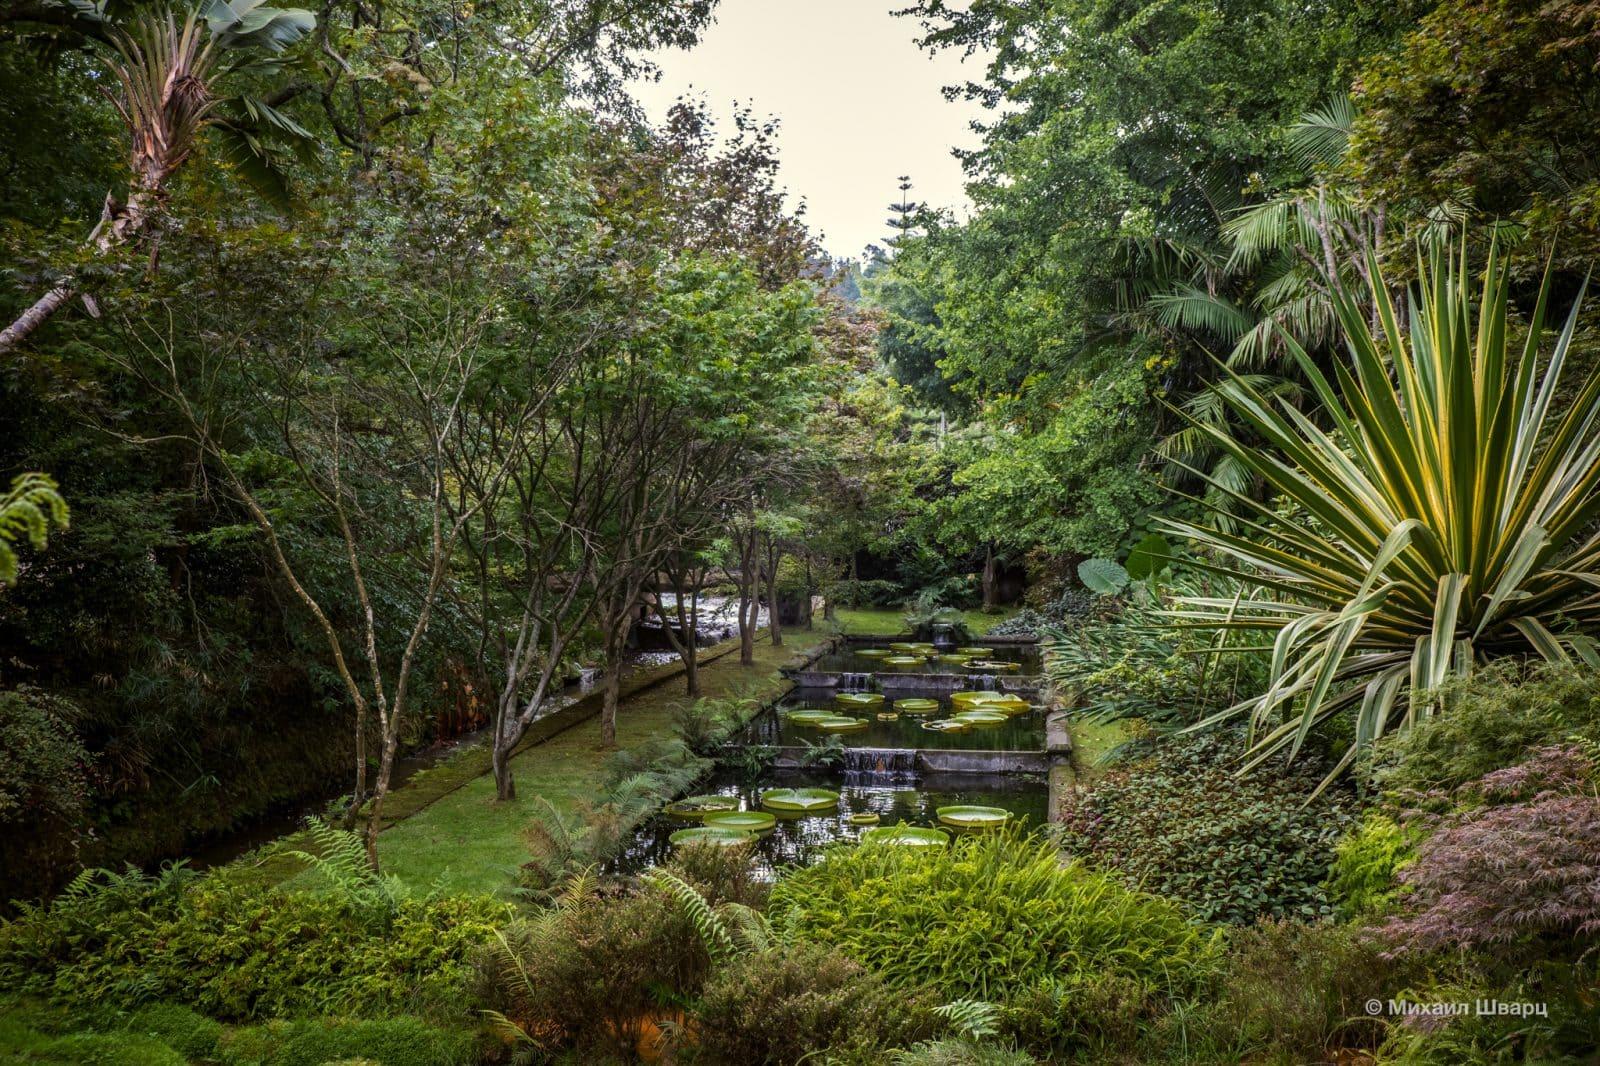 Природный парк и ботанический сад Терра-Ностра (Parque Terra Nostra)